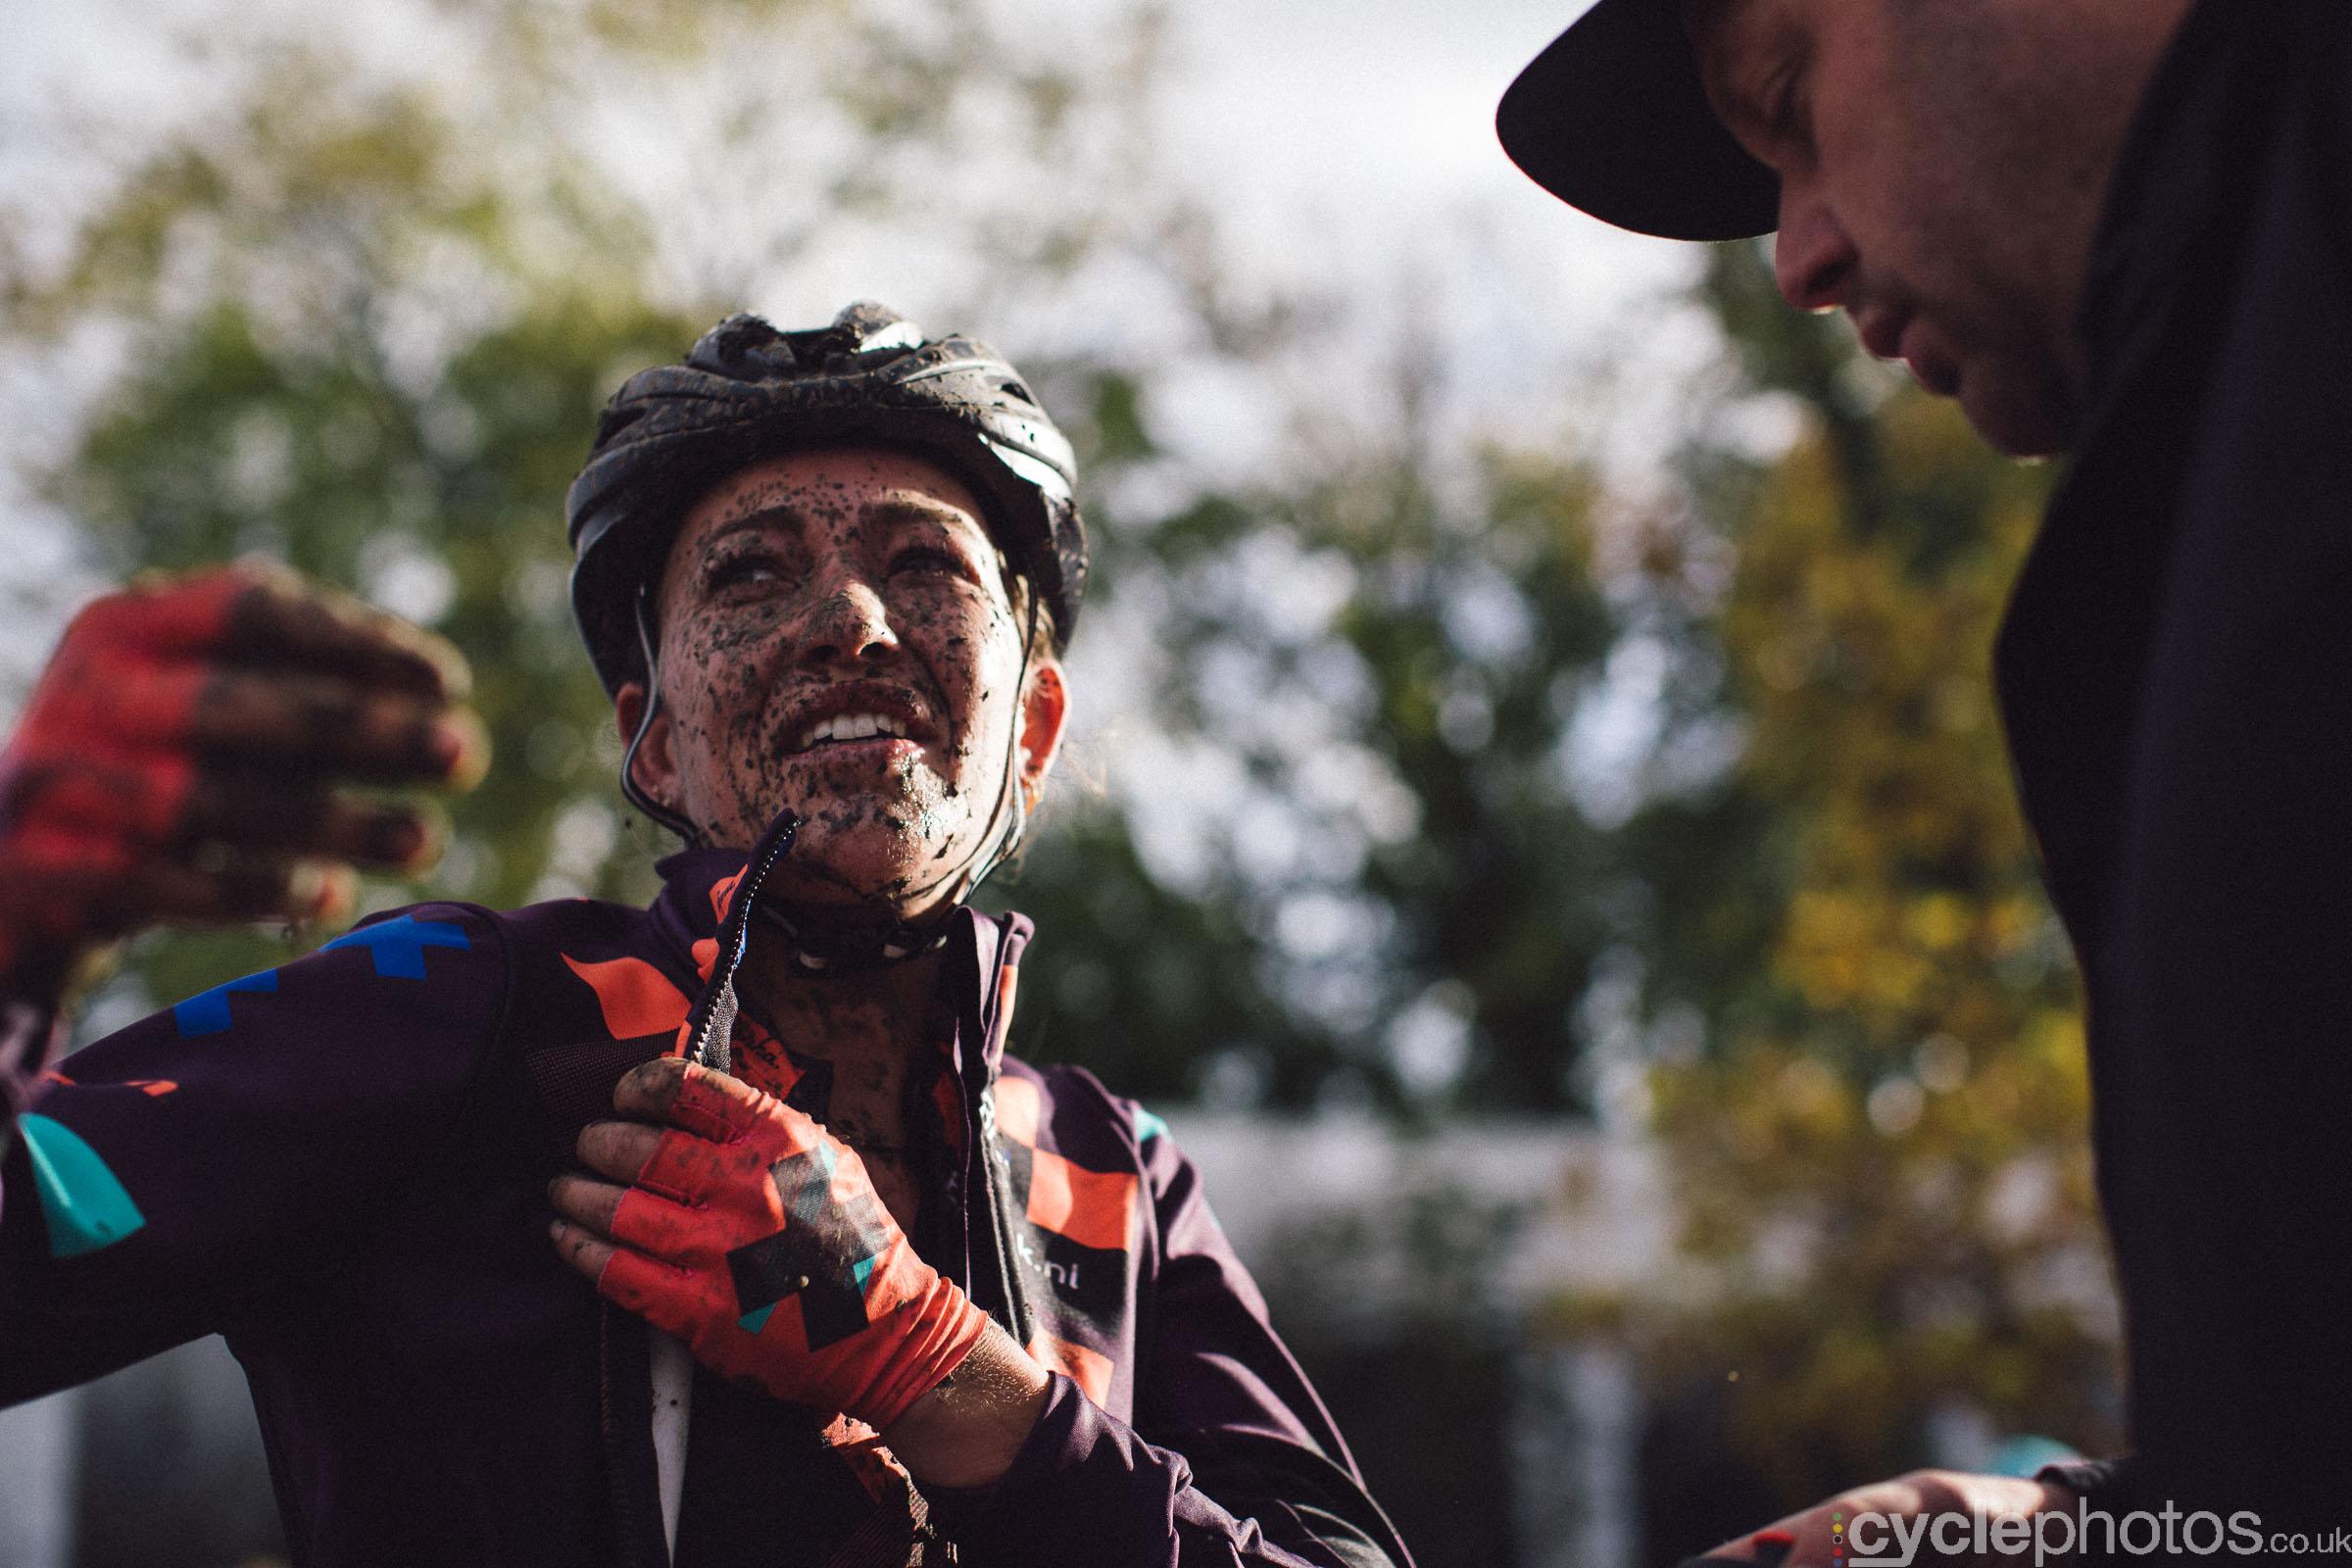 Sophie de Boer at Cyclocross Superprestige #5 - Gavere, BEL